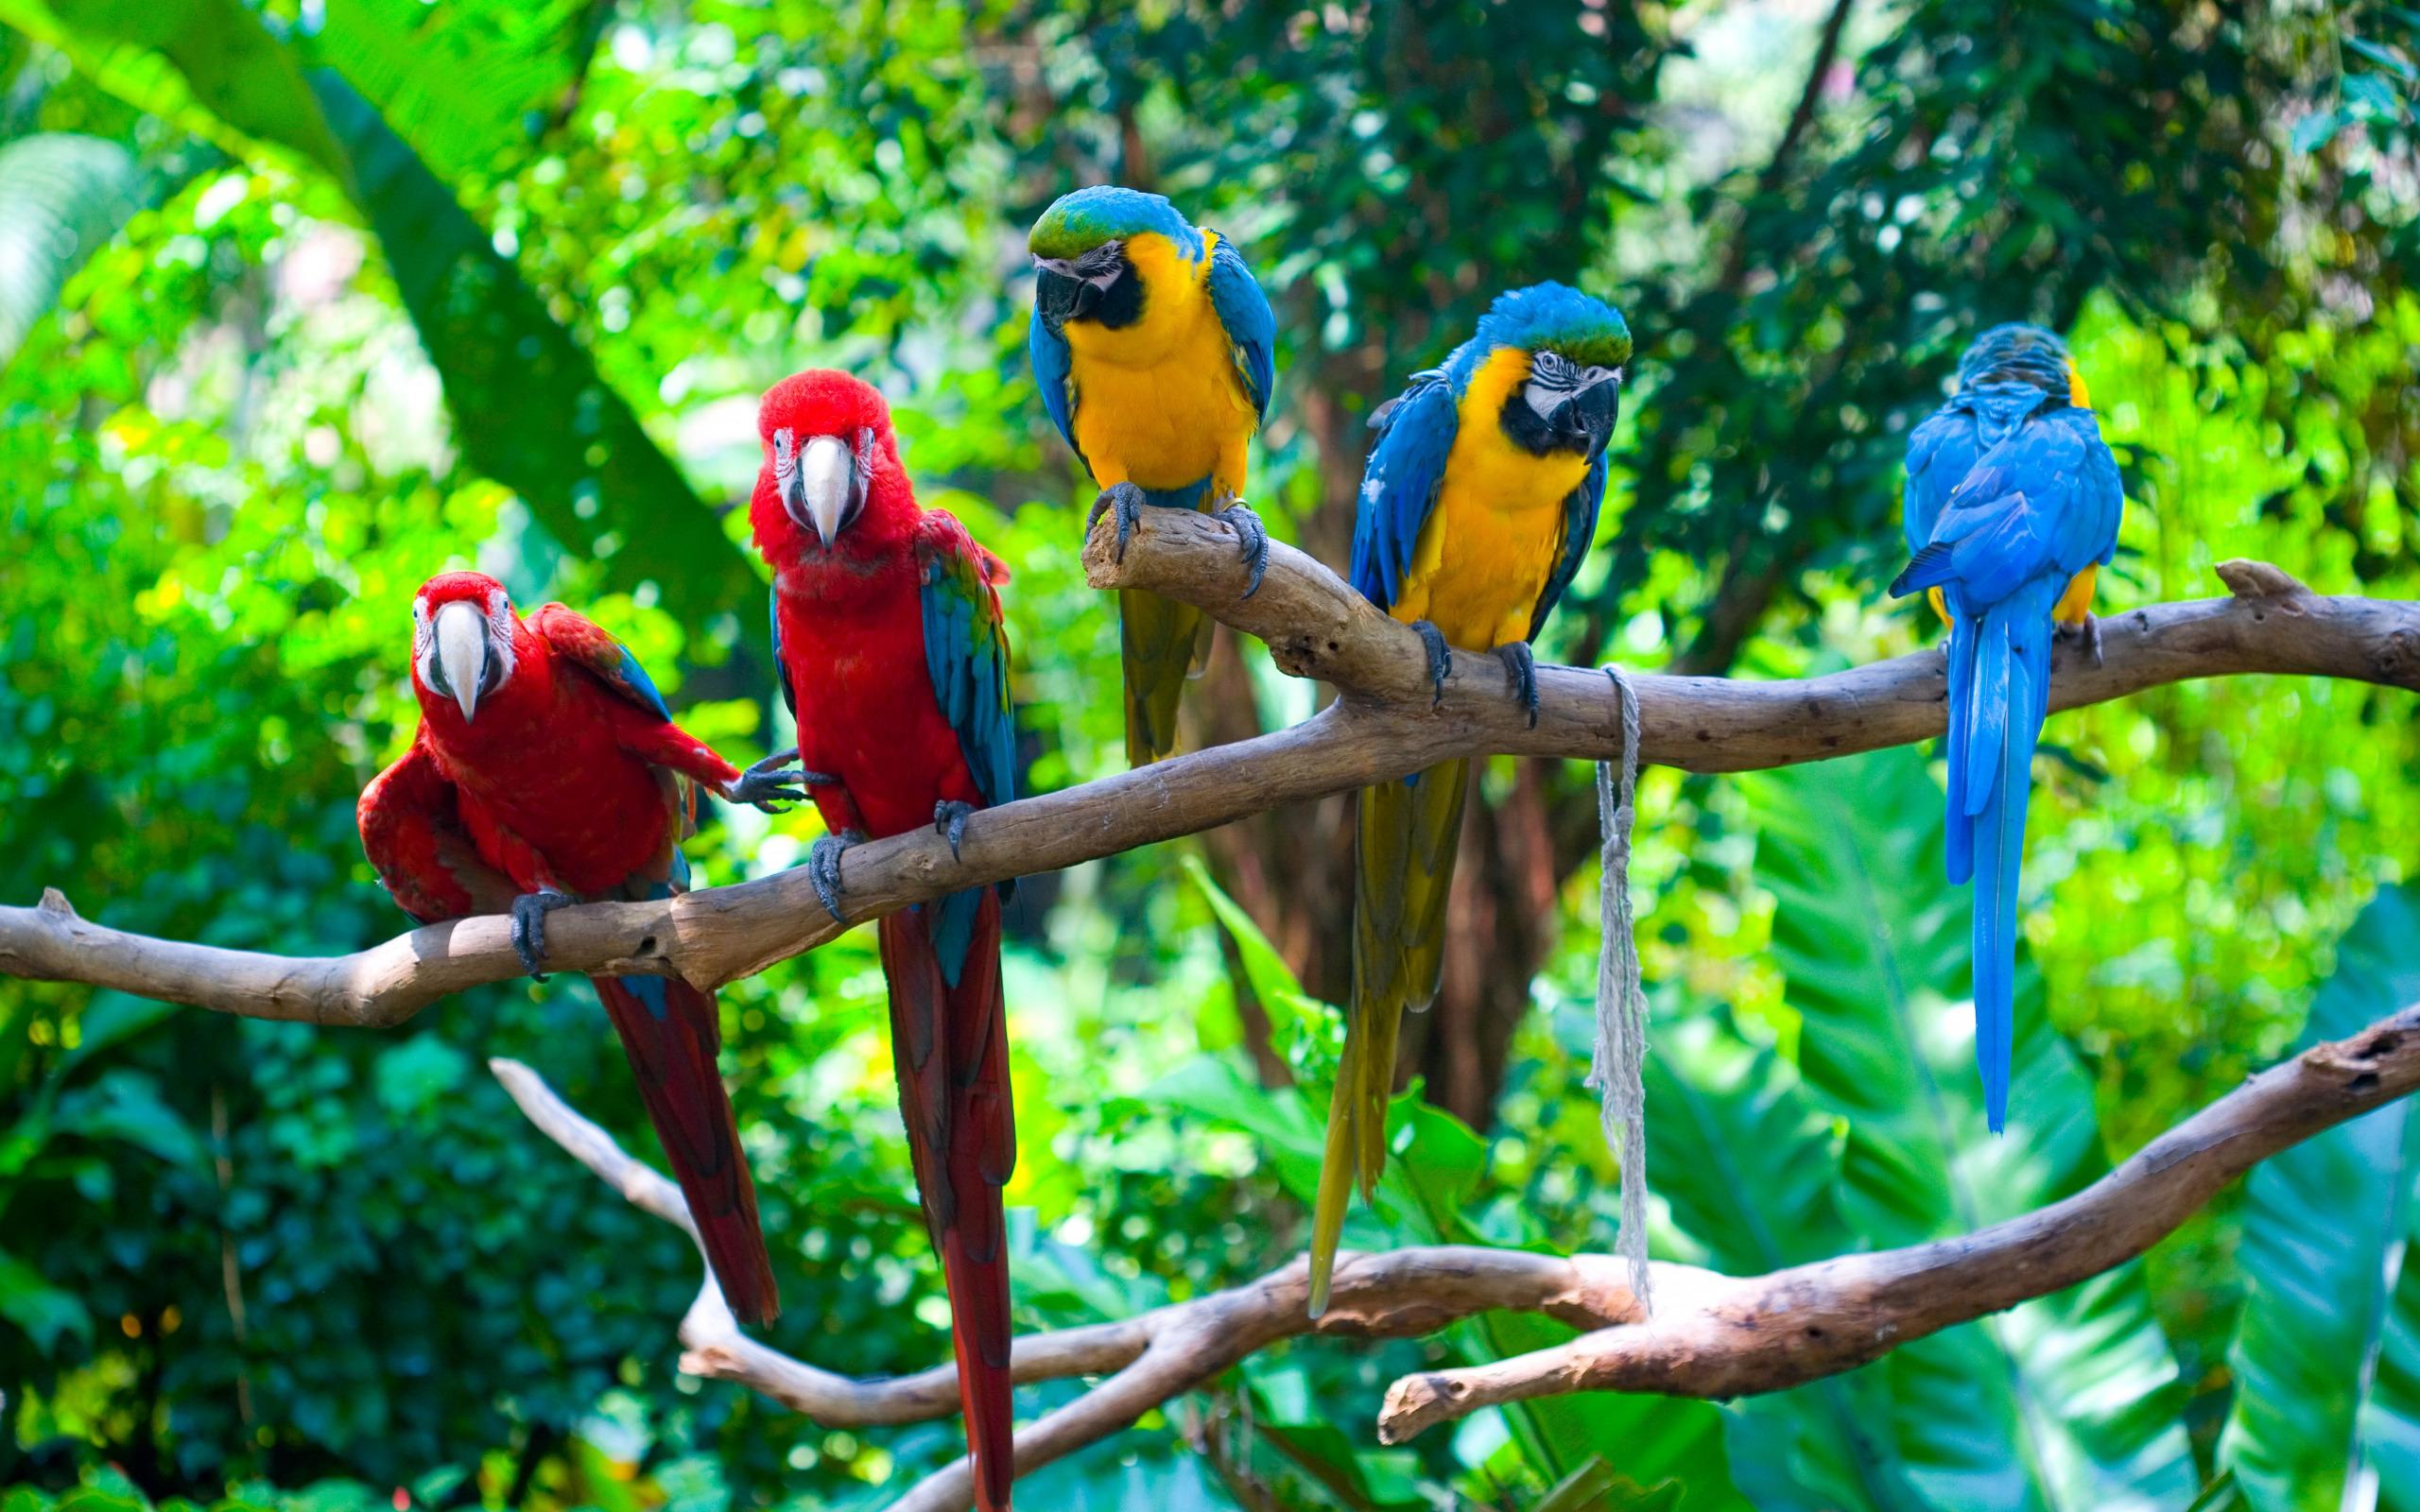 картинки про птицы животные можете ознакомиться